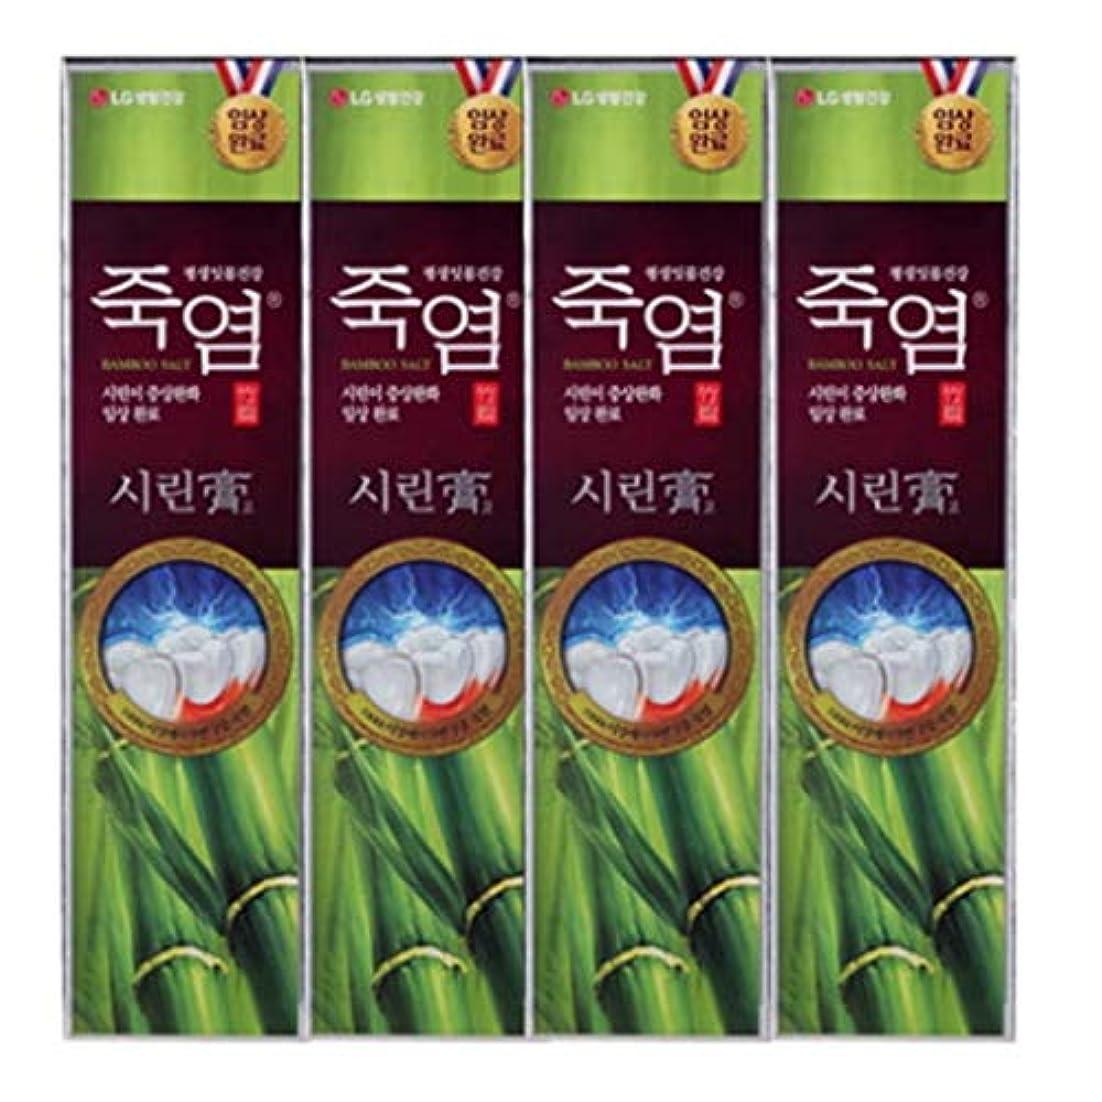 もろいそれら起こりやすい[LG Care/LG生活健康]竹塩歯磨き粉つぶれて歯茎を健康に120g x4ea/歯磨きセットスペシャル?リミテッドToothpaste Set Special Limited Korea(海外直送品)